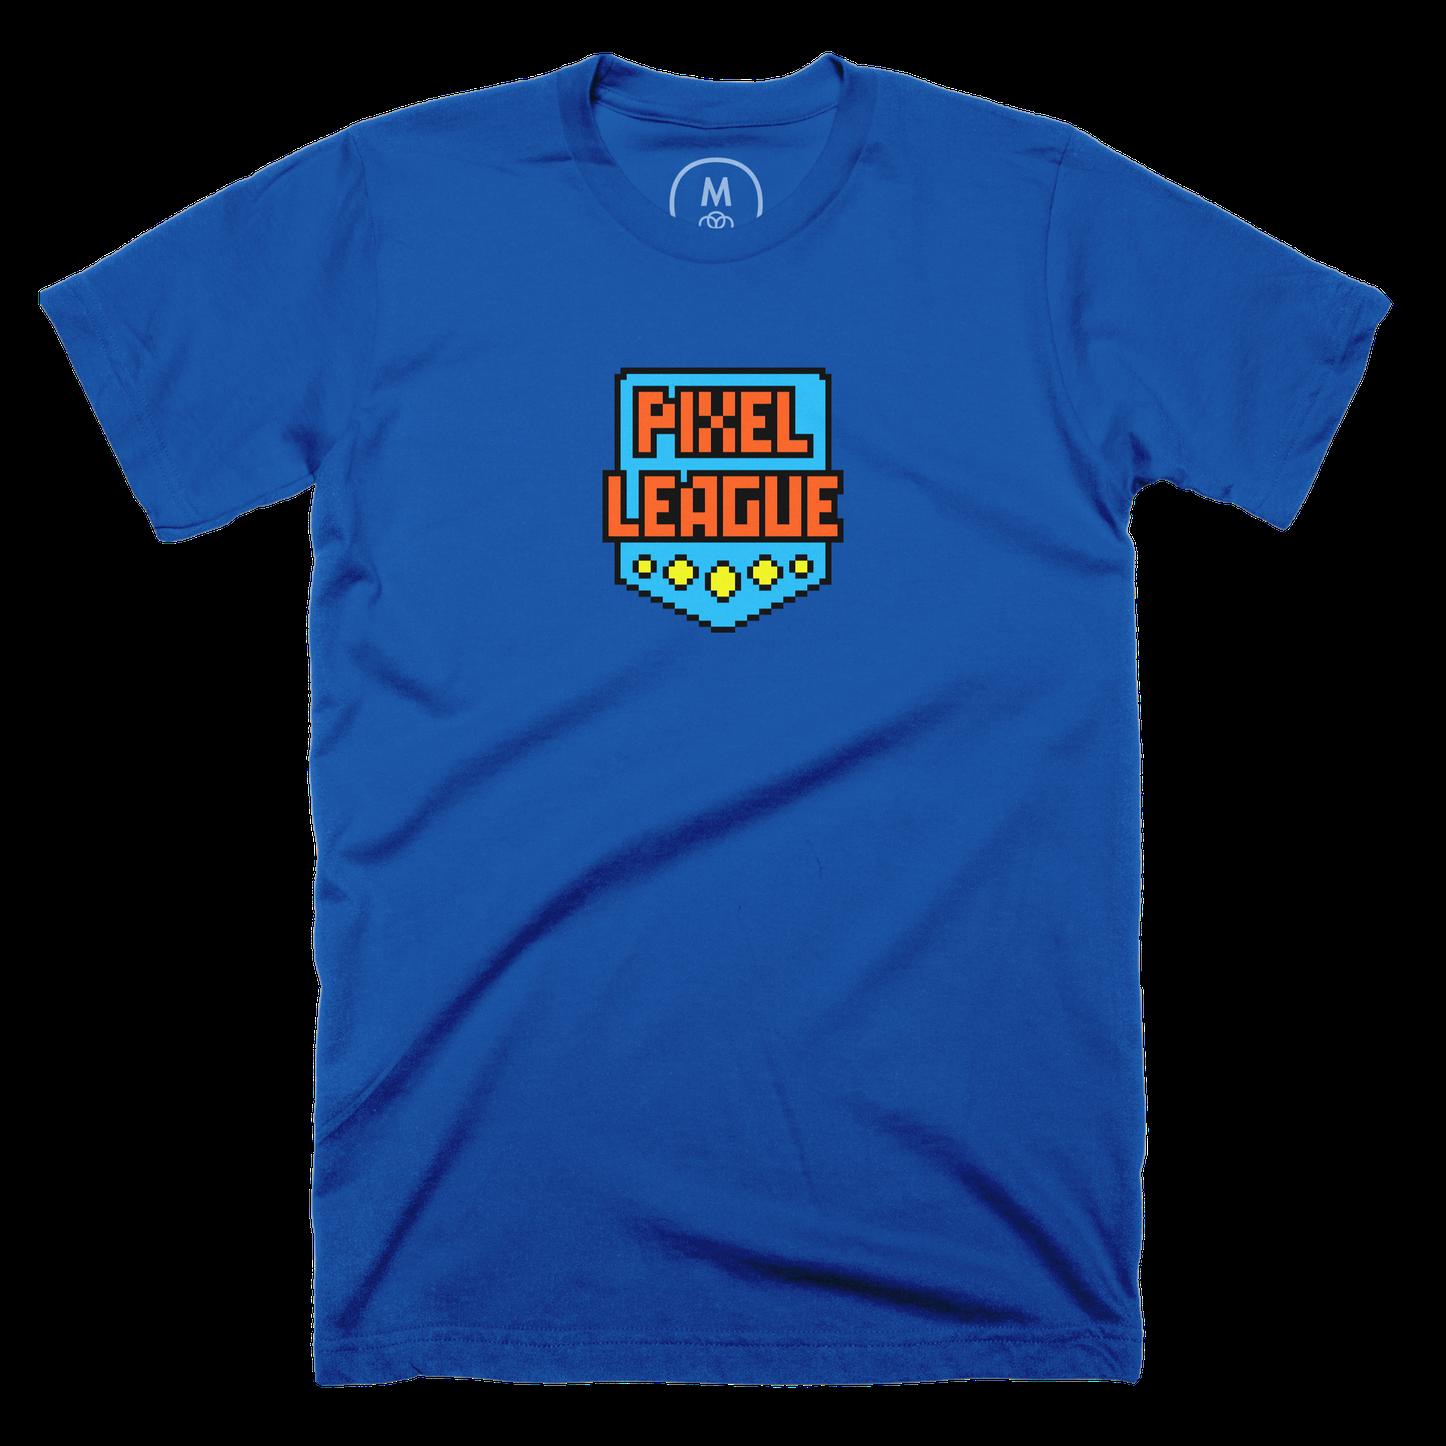 lance-jones-pixel-league.png